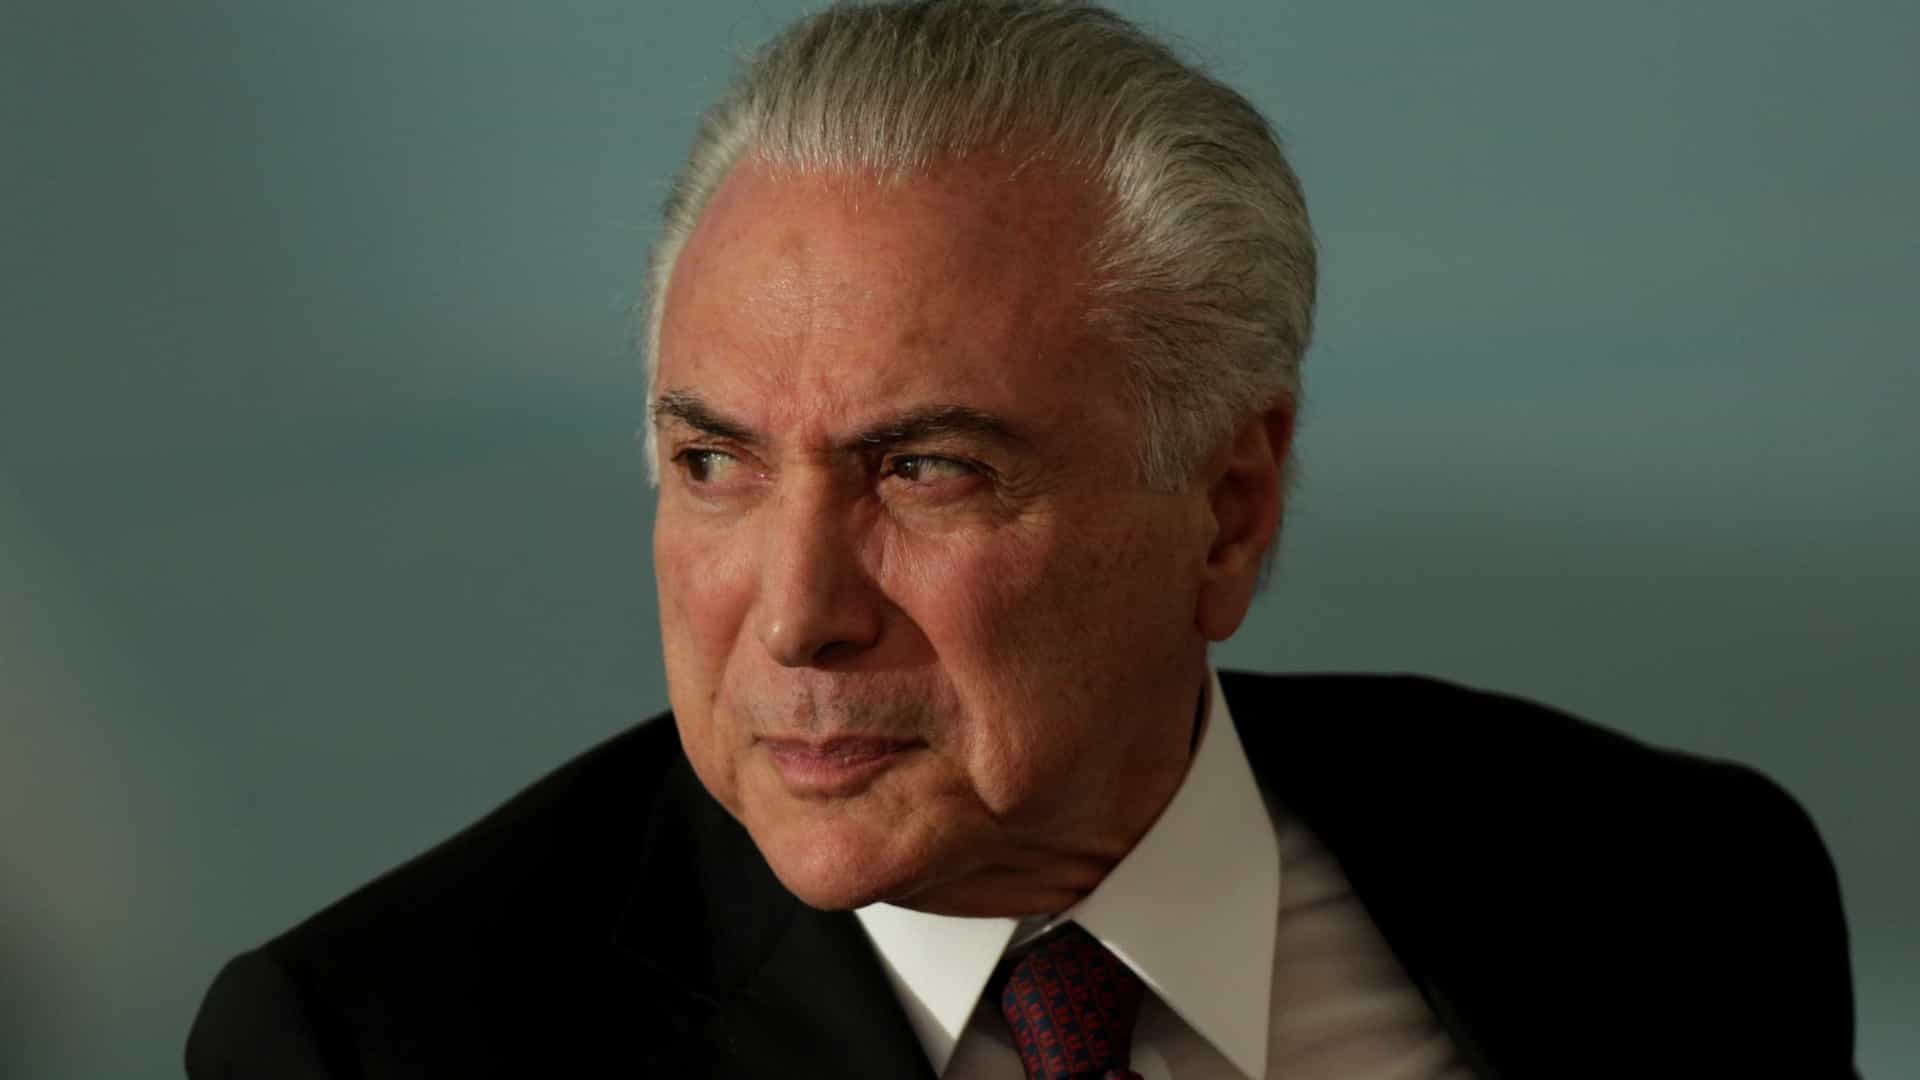 Líder sindical acha que Temer 'piorou a situação' ao convocar Exército